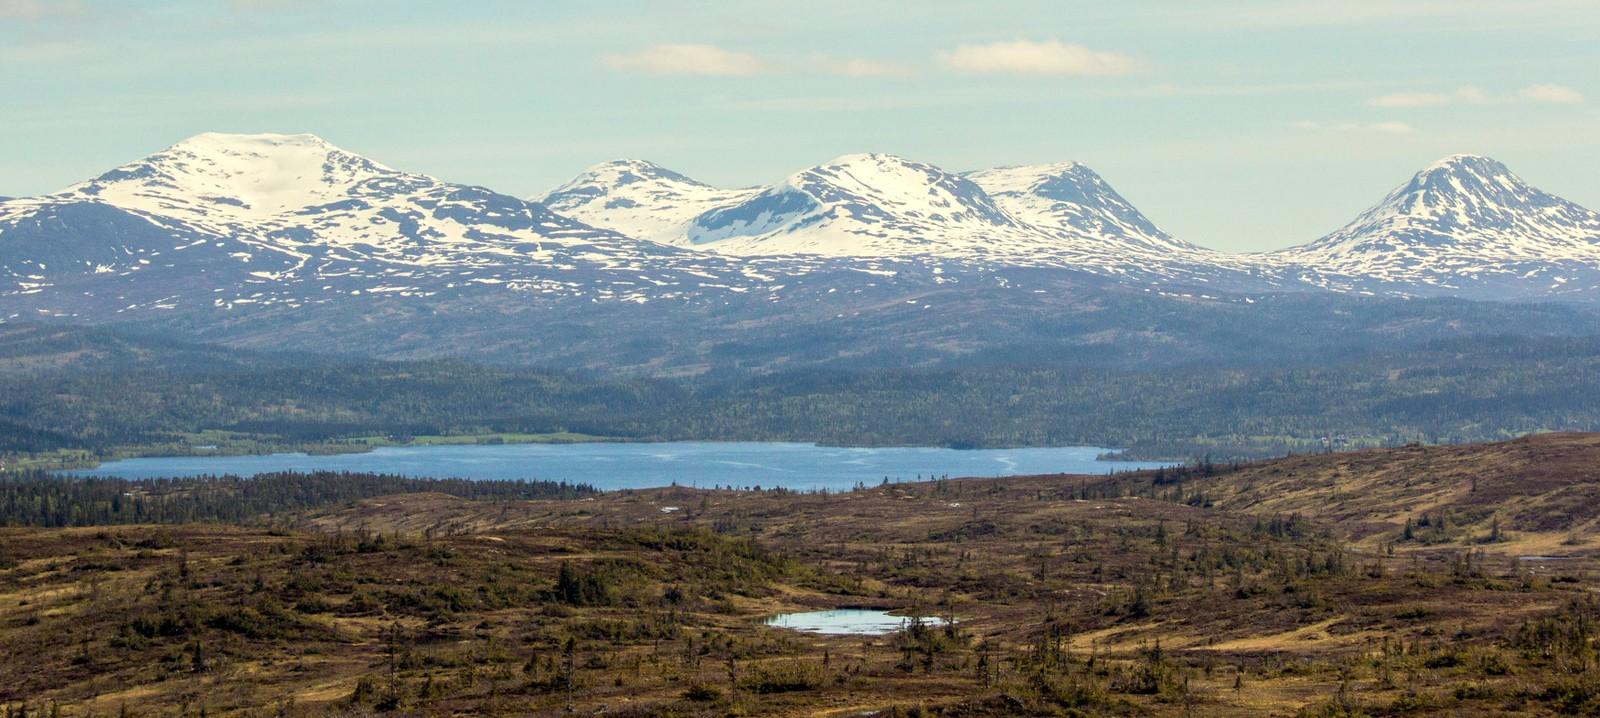 Fra Tørrgranvola i Verdal mot Veressjøen